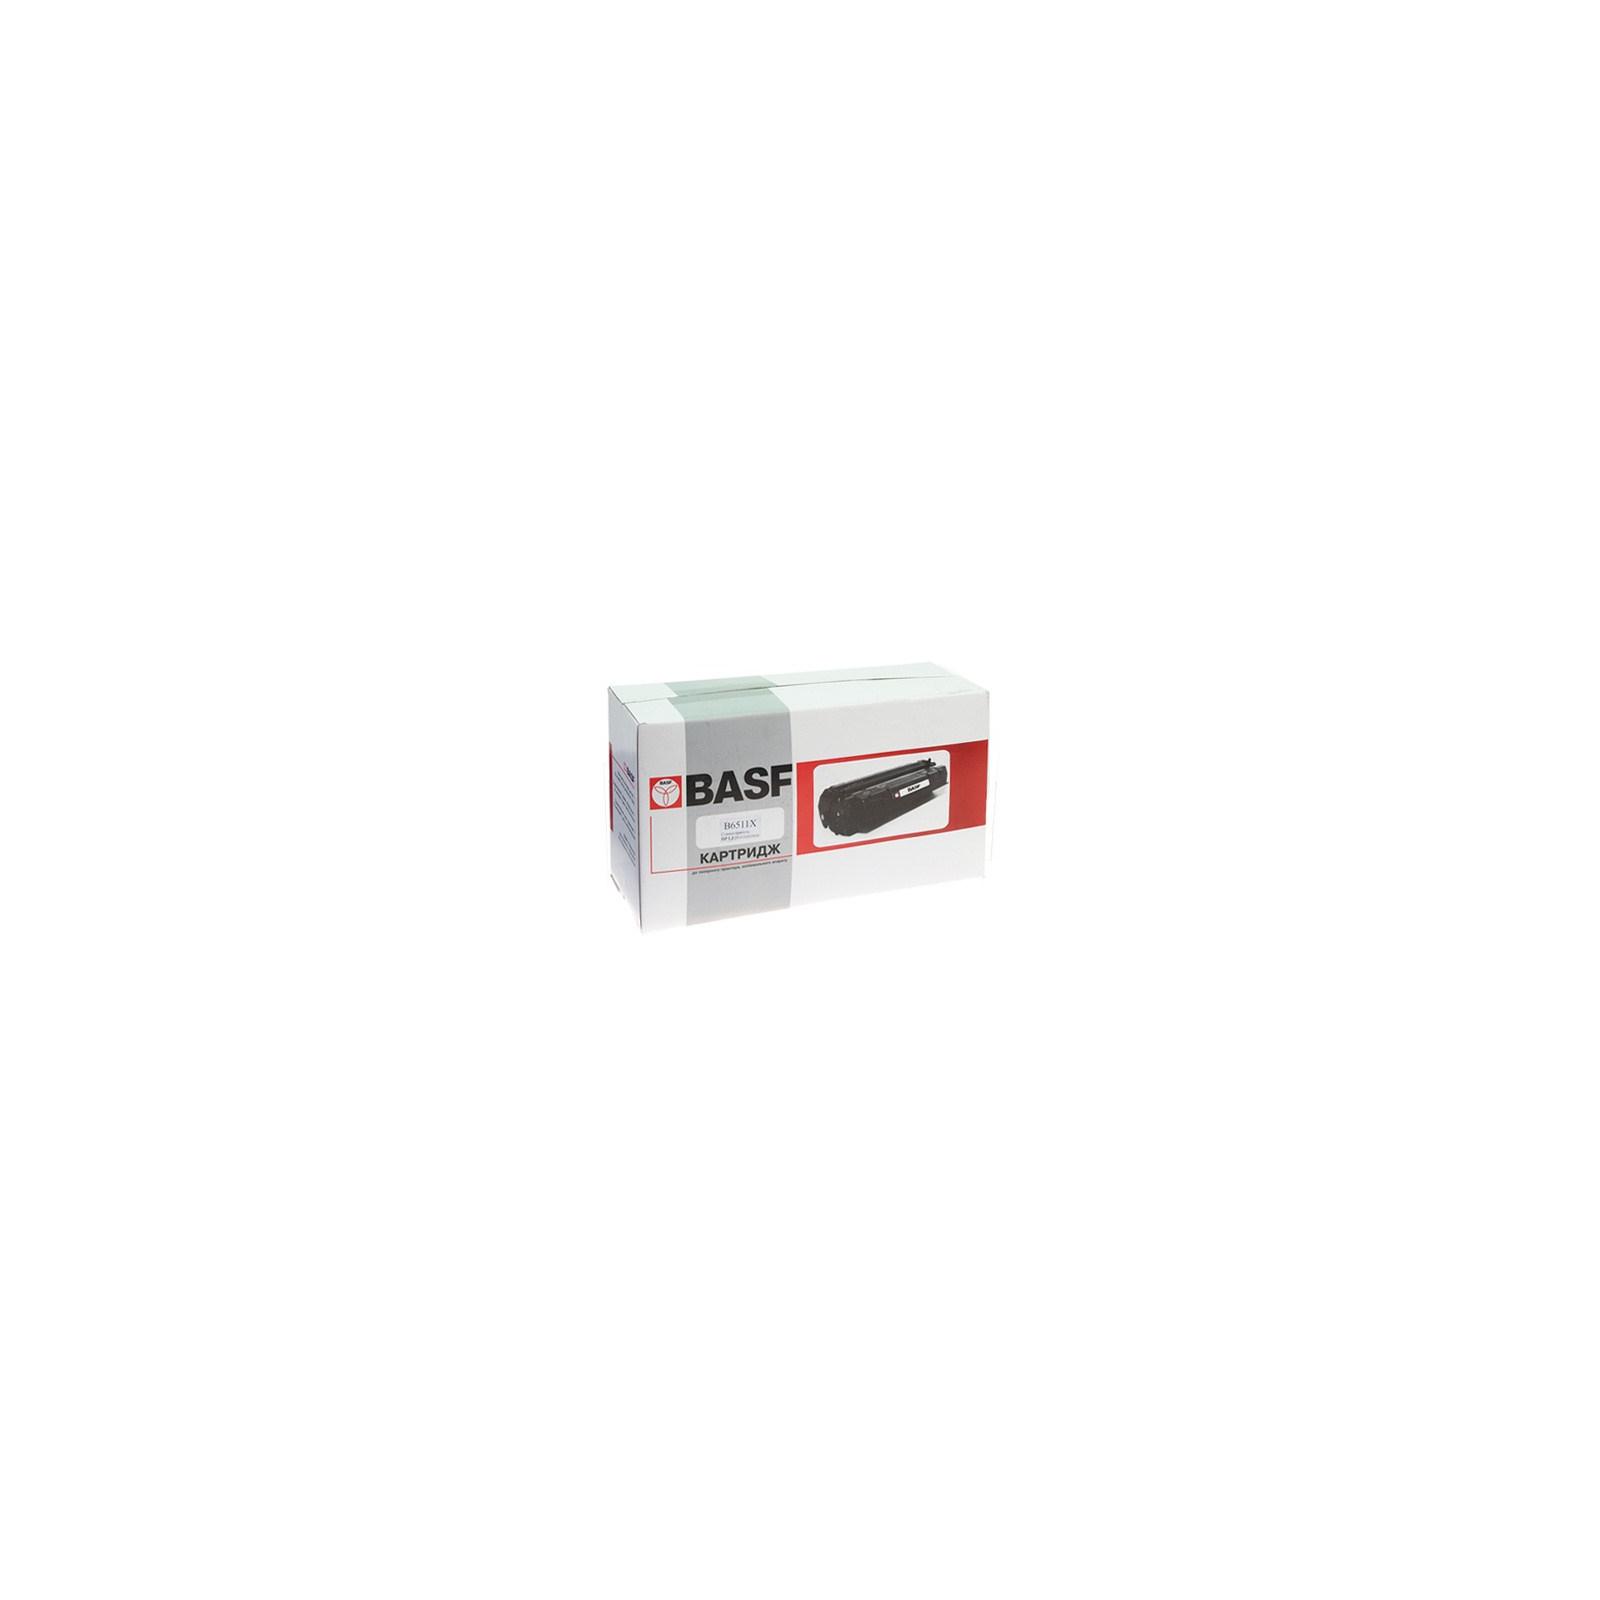 Картридж BASF для HP LJ 2420/2430 (B6511X)